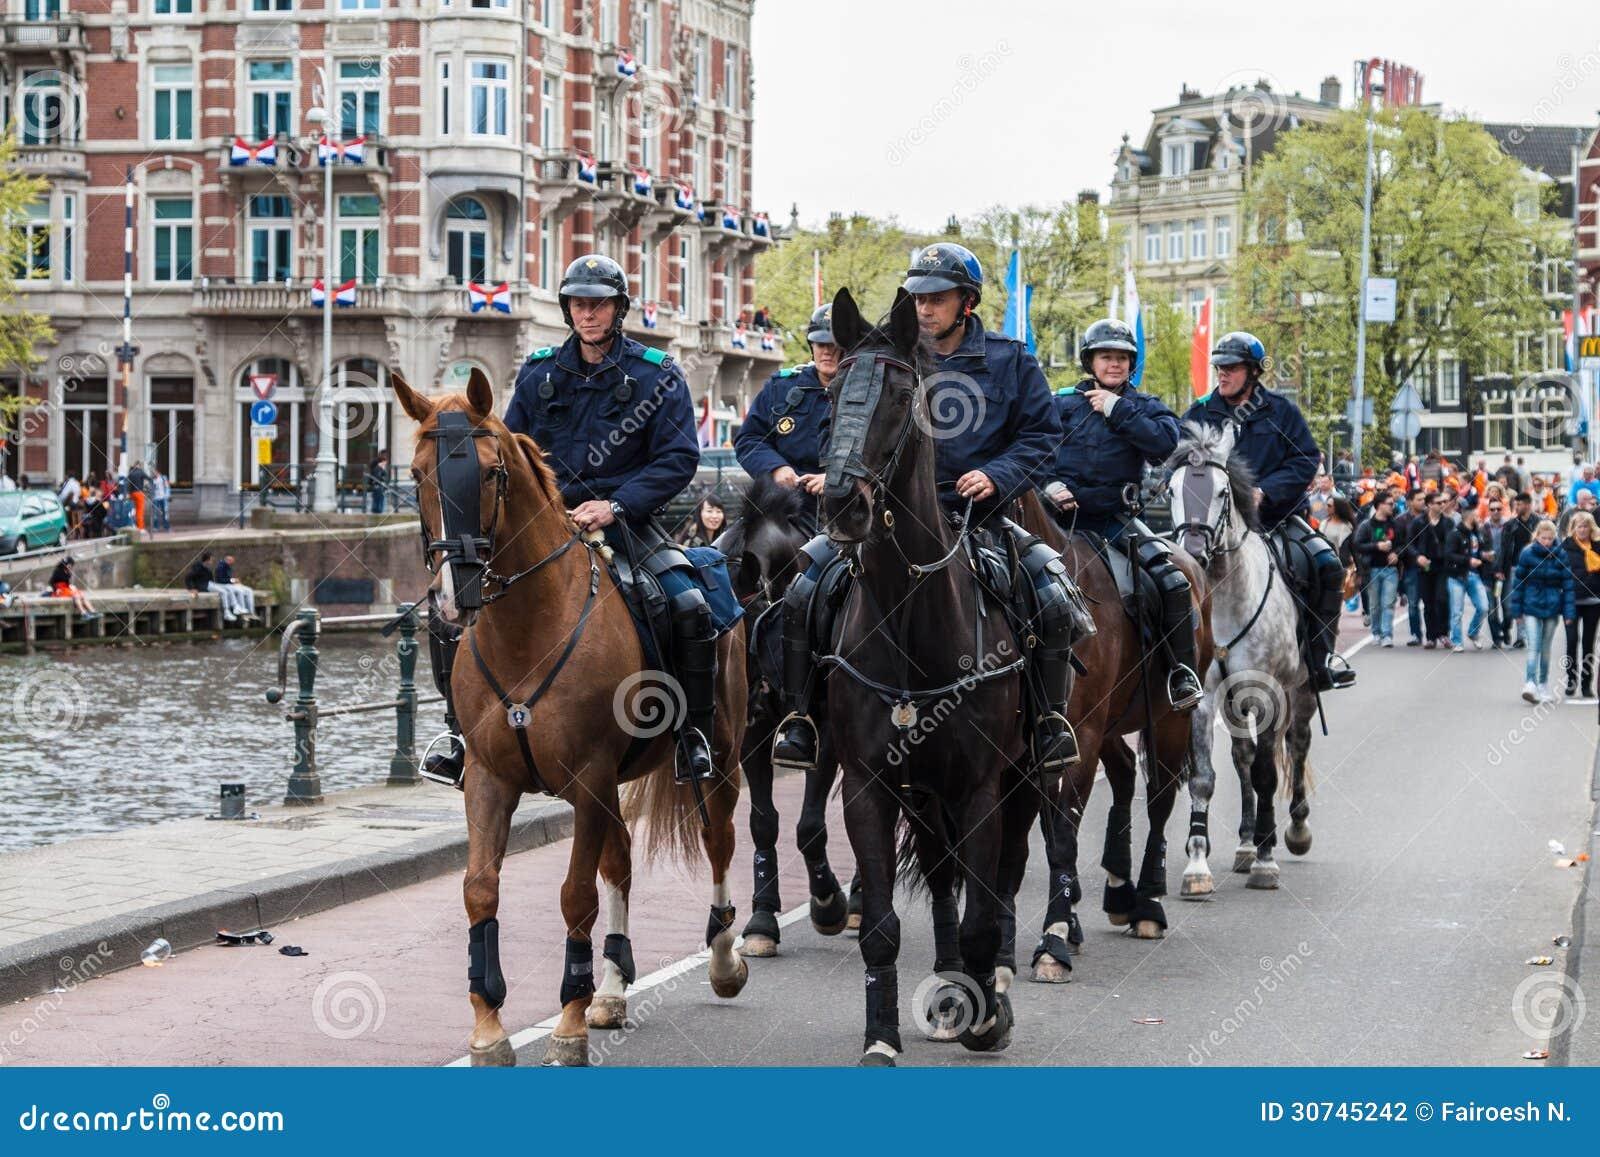 Horse police at Koninginnedag 2013